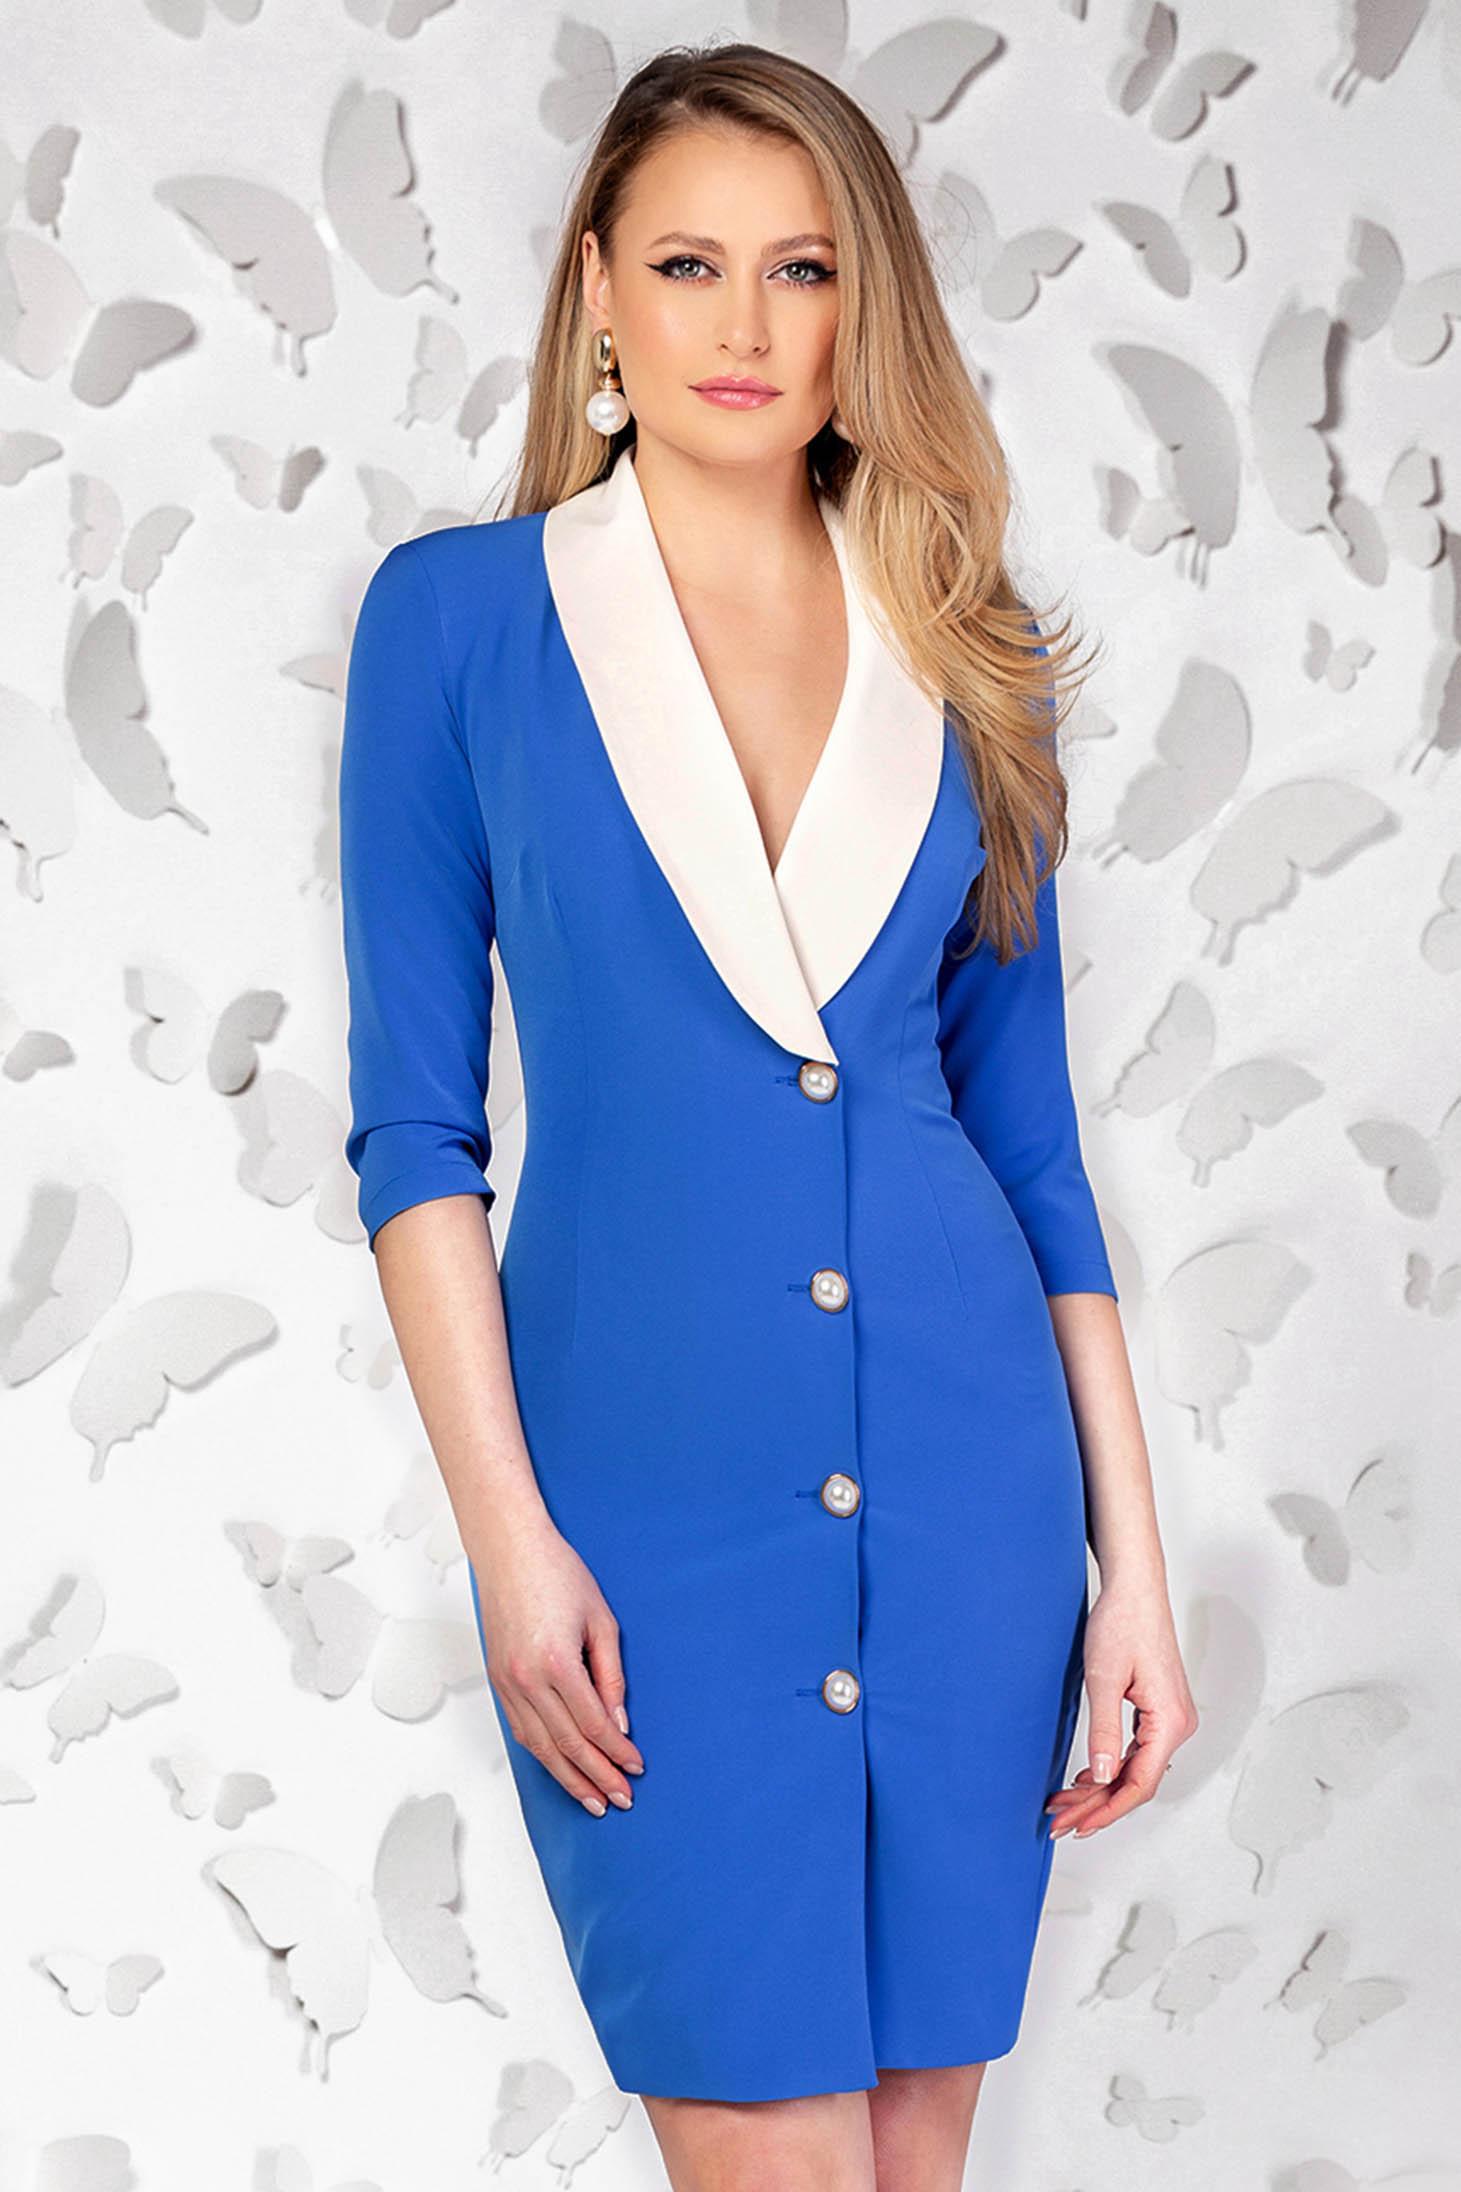 Rochie PrettyGirl albastra eleganta scurta tip creion cu decolteu in v accesorizata cu nasturi